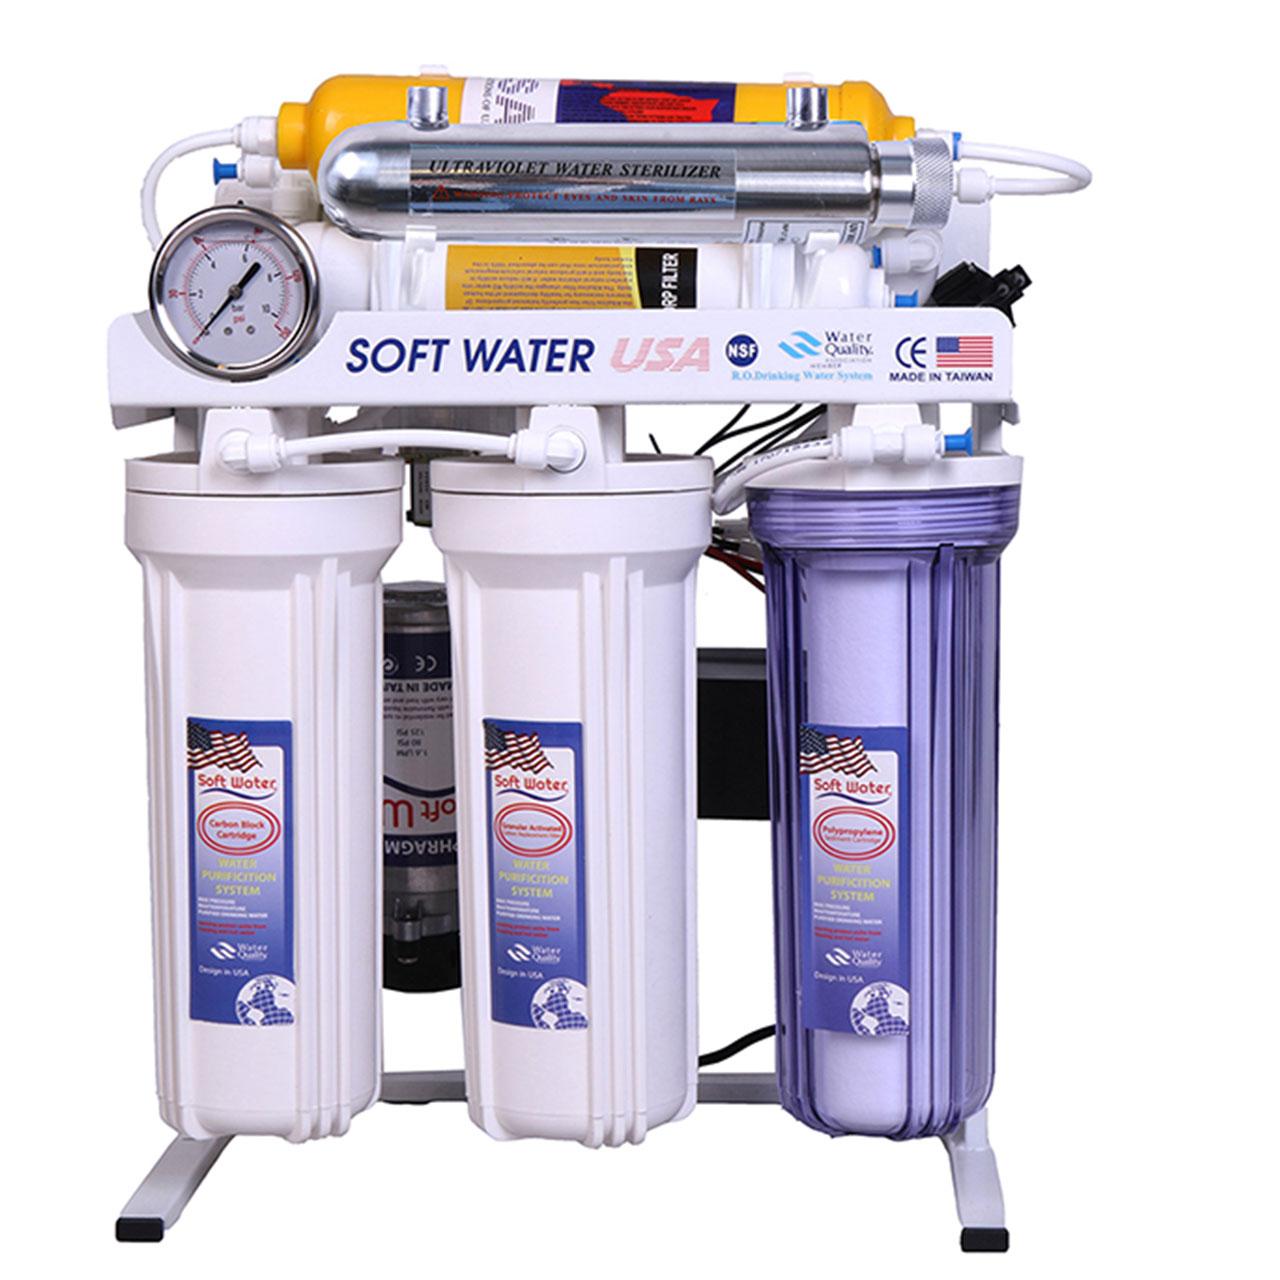 دستگاه تصفیه آب سافت واتر